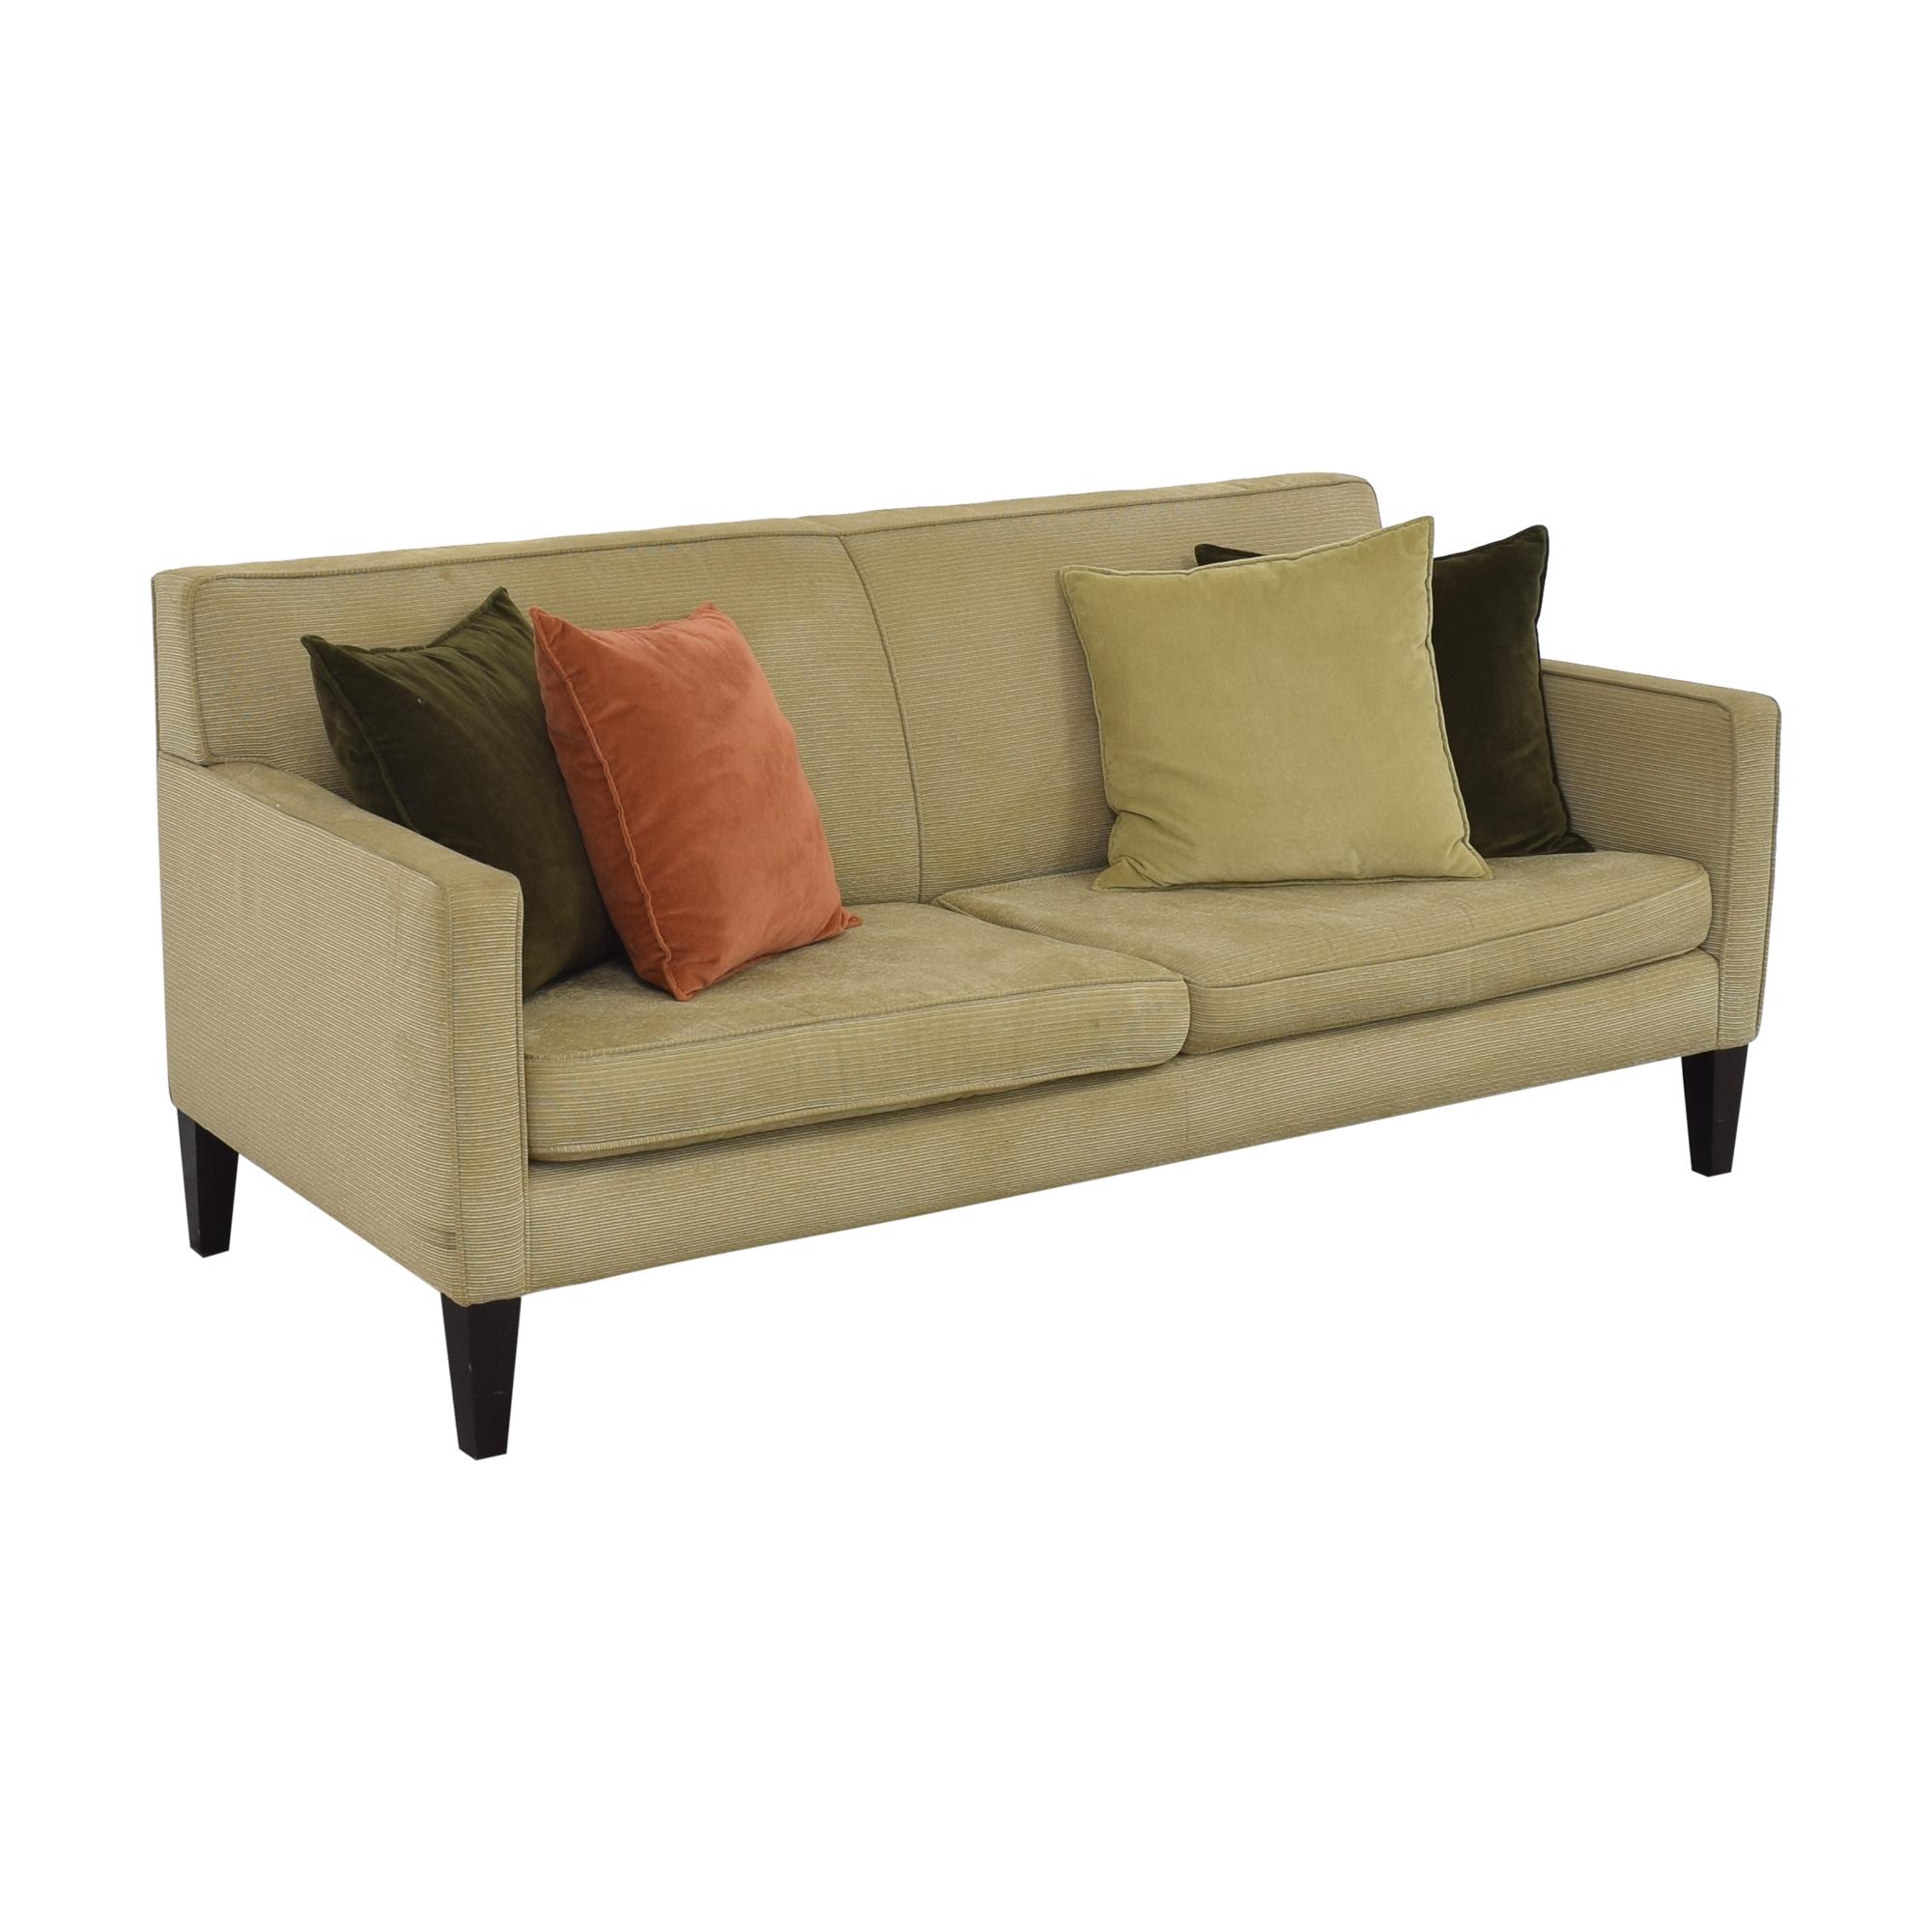 shop Crate & Barrel Crate & Barrel Sofa online